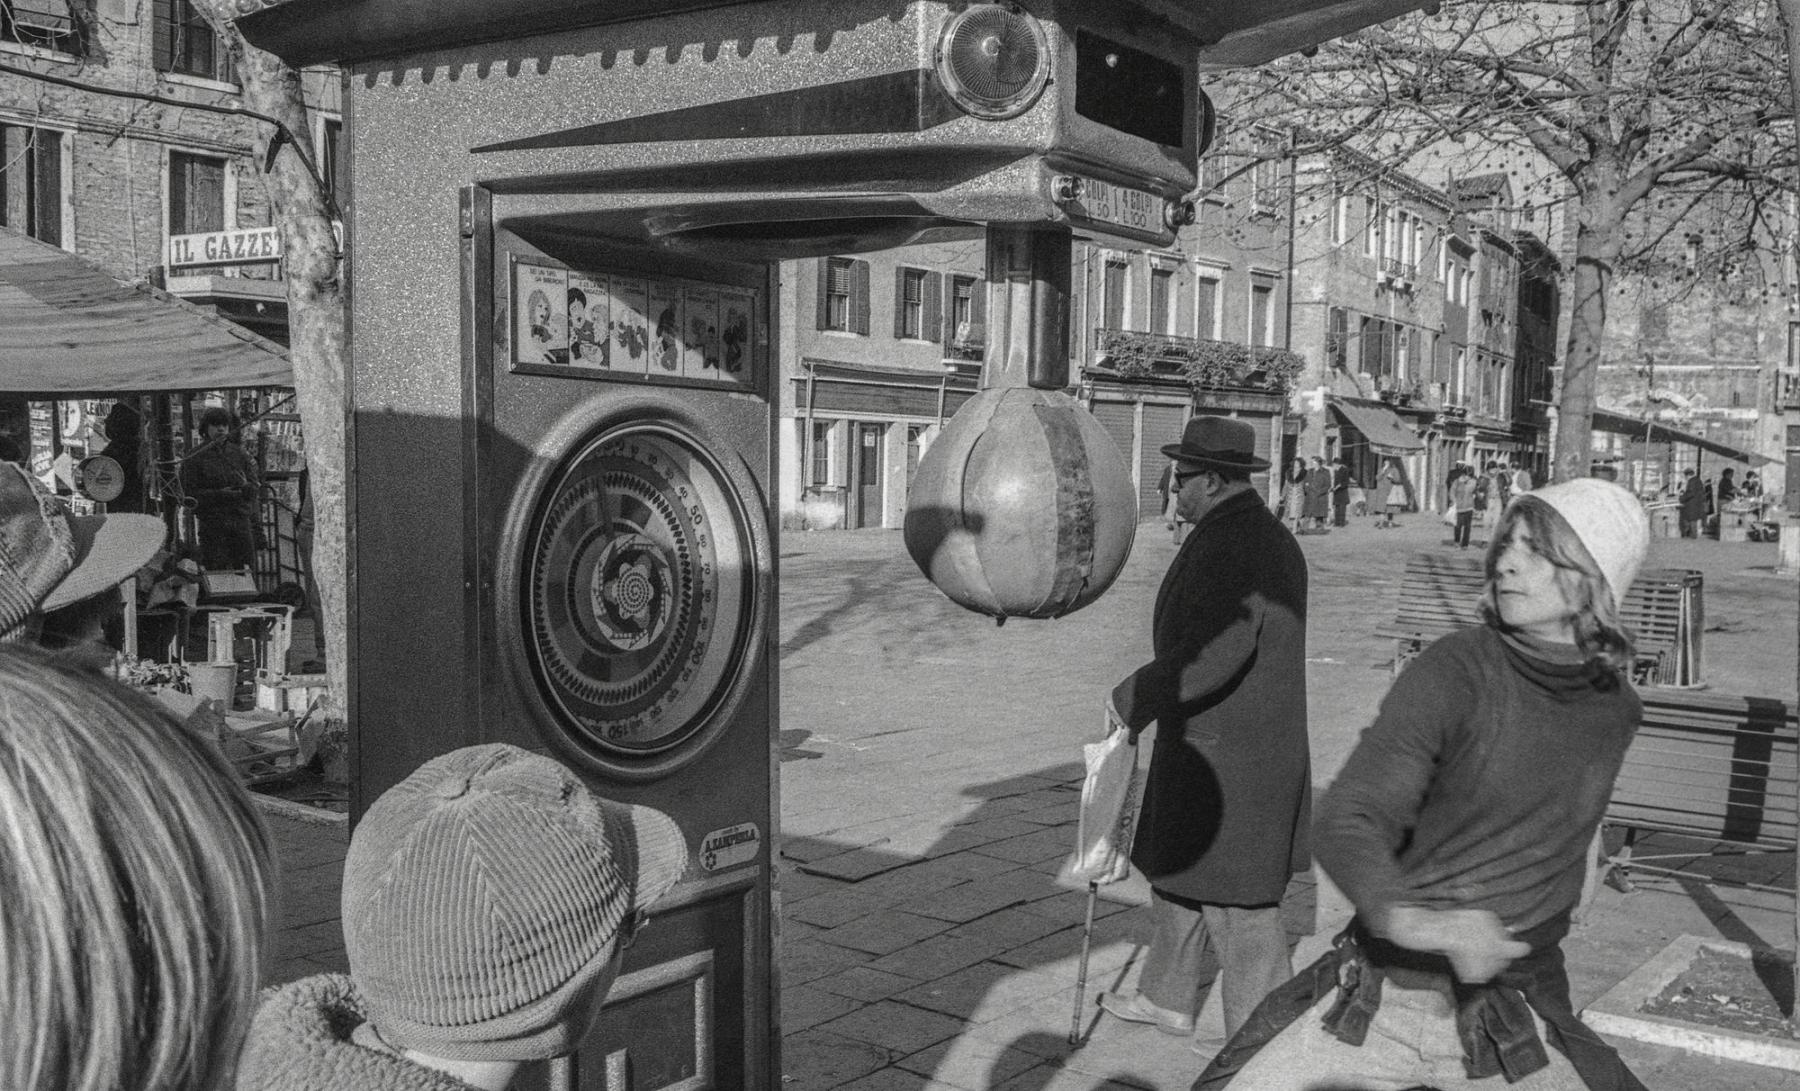 MichelAycaguer-Venise-lesVenitiens-en1980-26